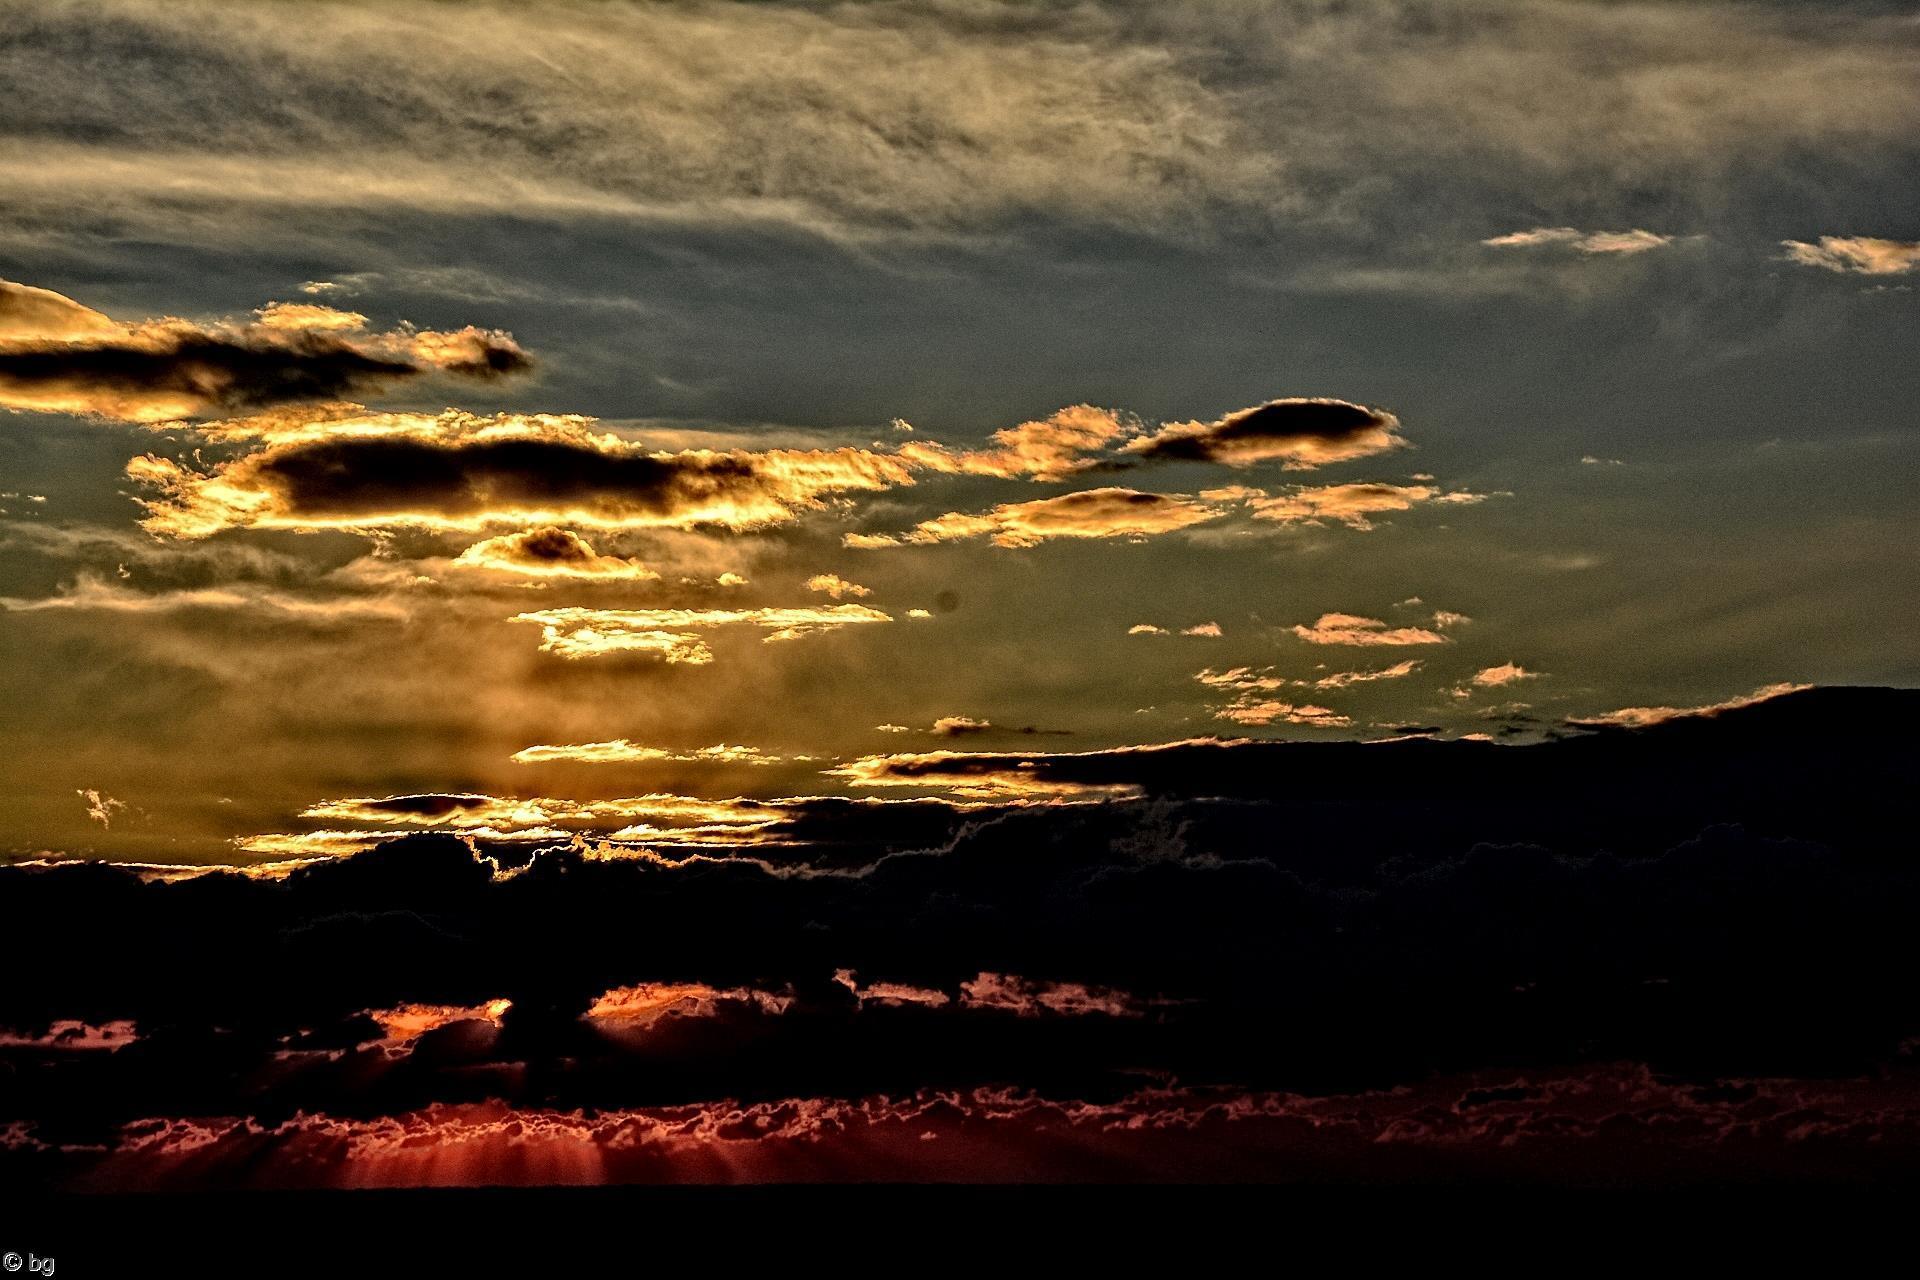 nuages-et-coucher-de-soleil_2